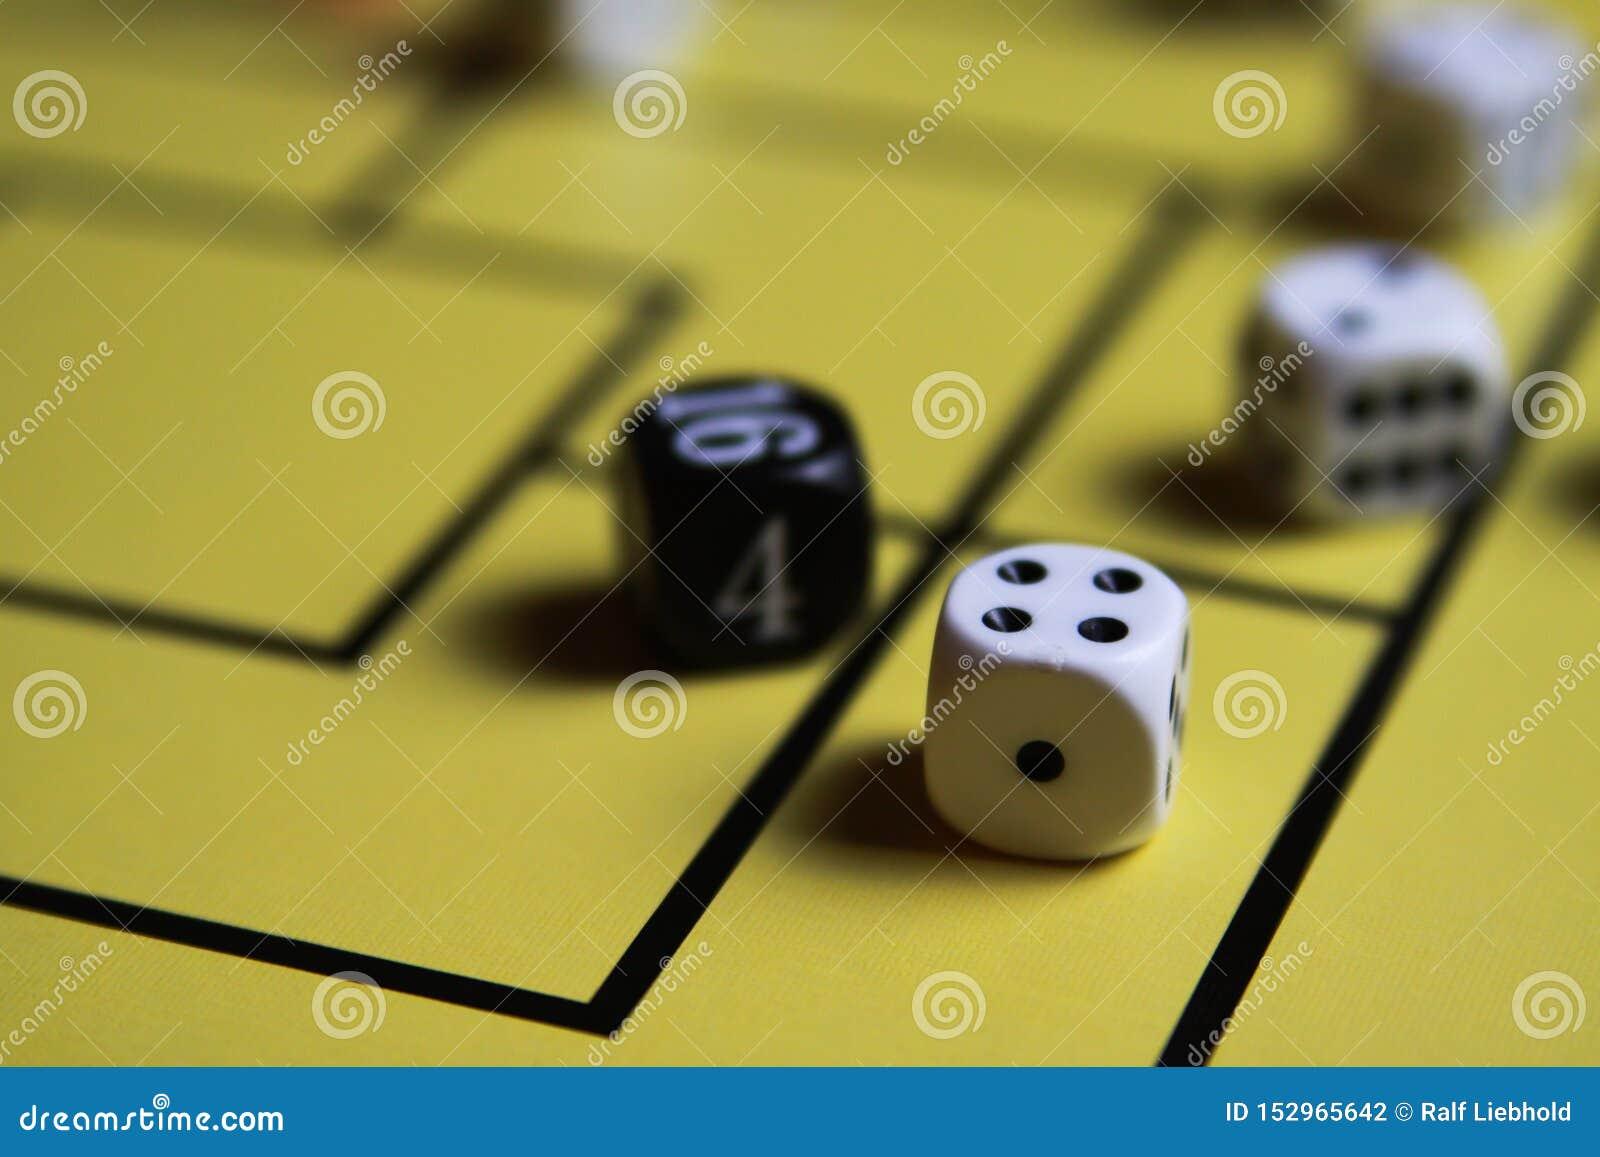 Schließen Sie oben von würfelt auf gelbem Spielbrett